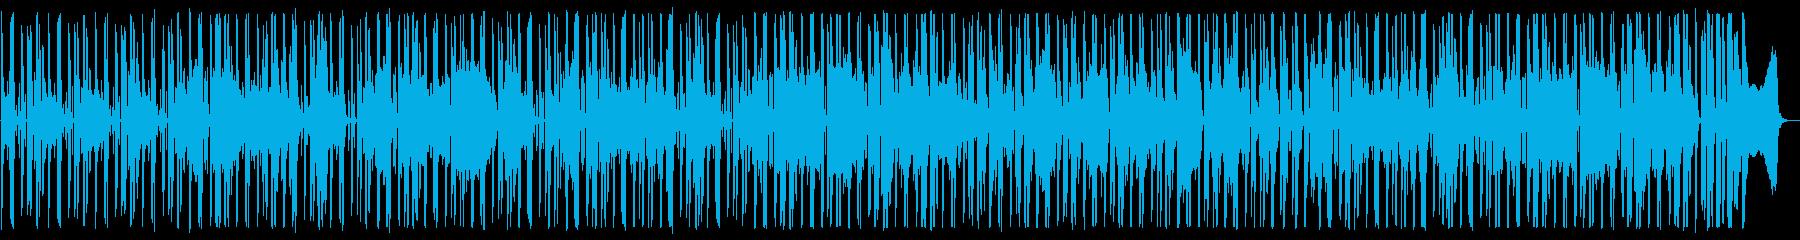 ハードボイルドな探偵_調査BGMの再生済みの波形